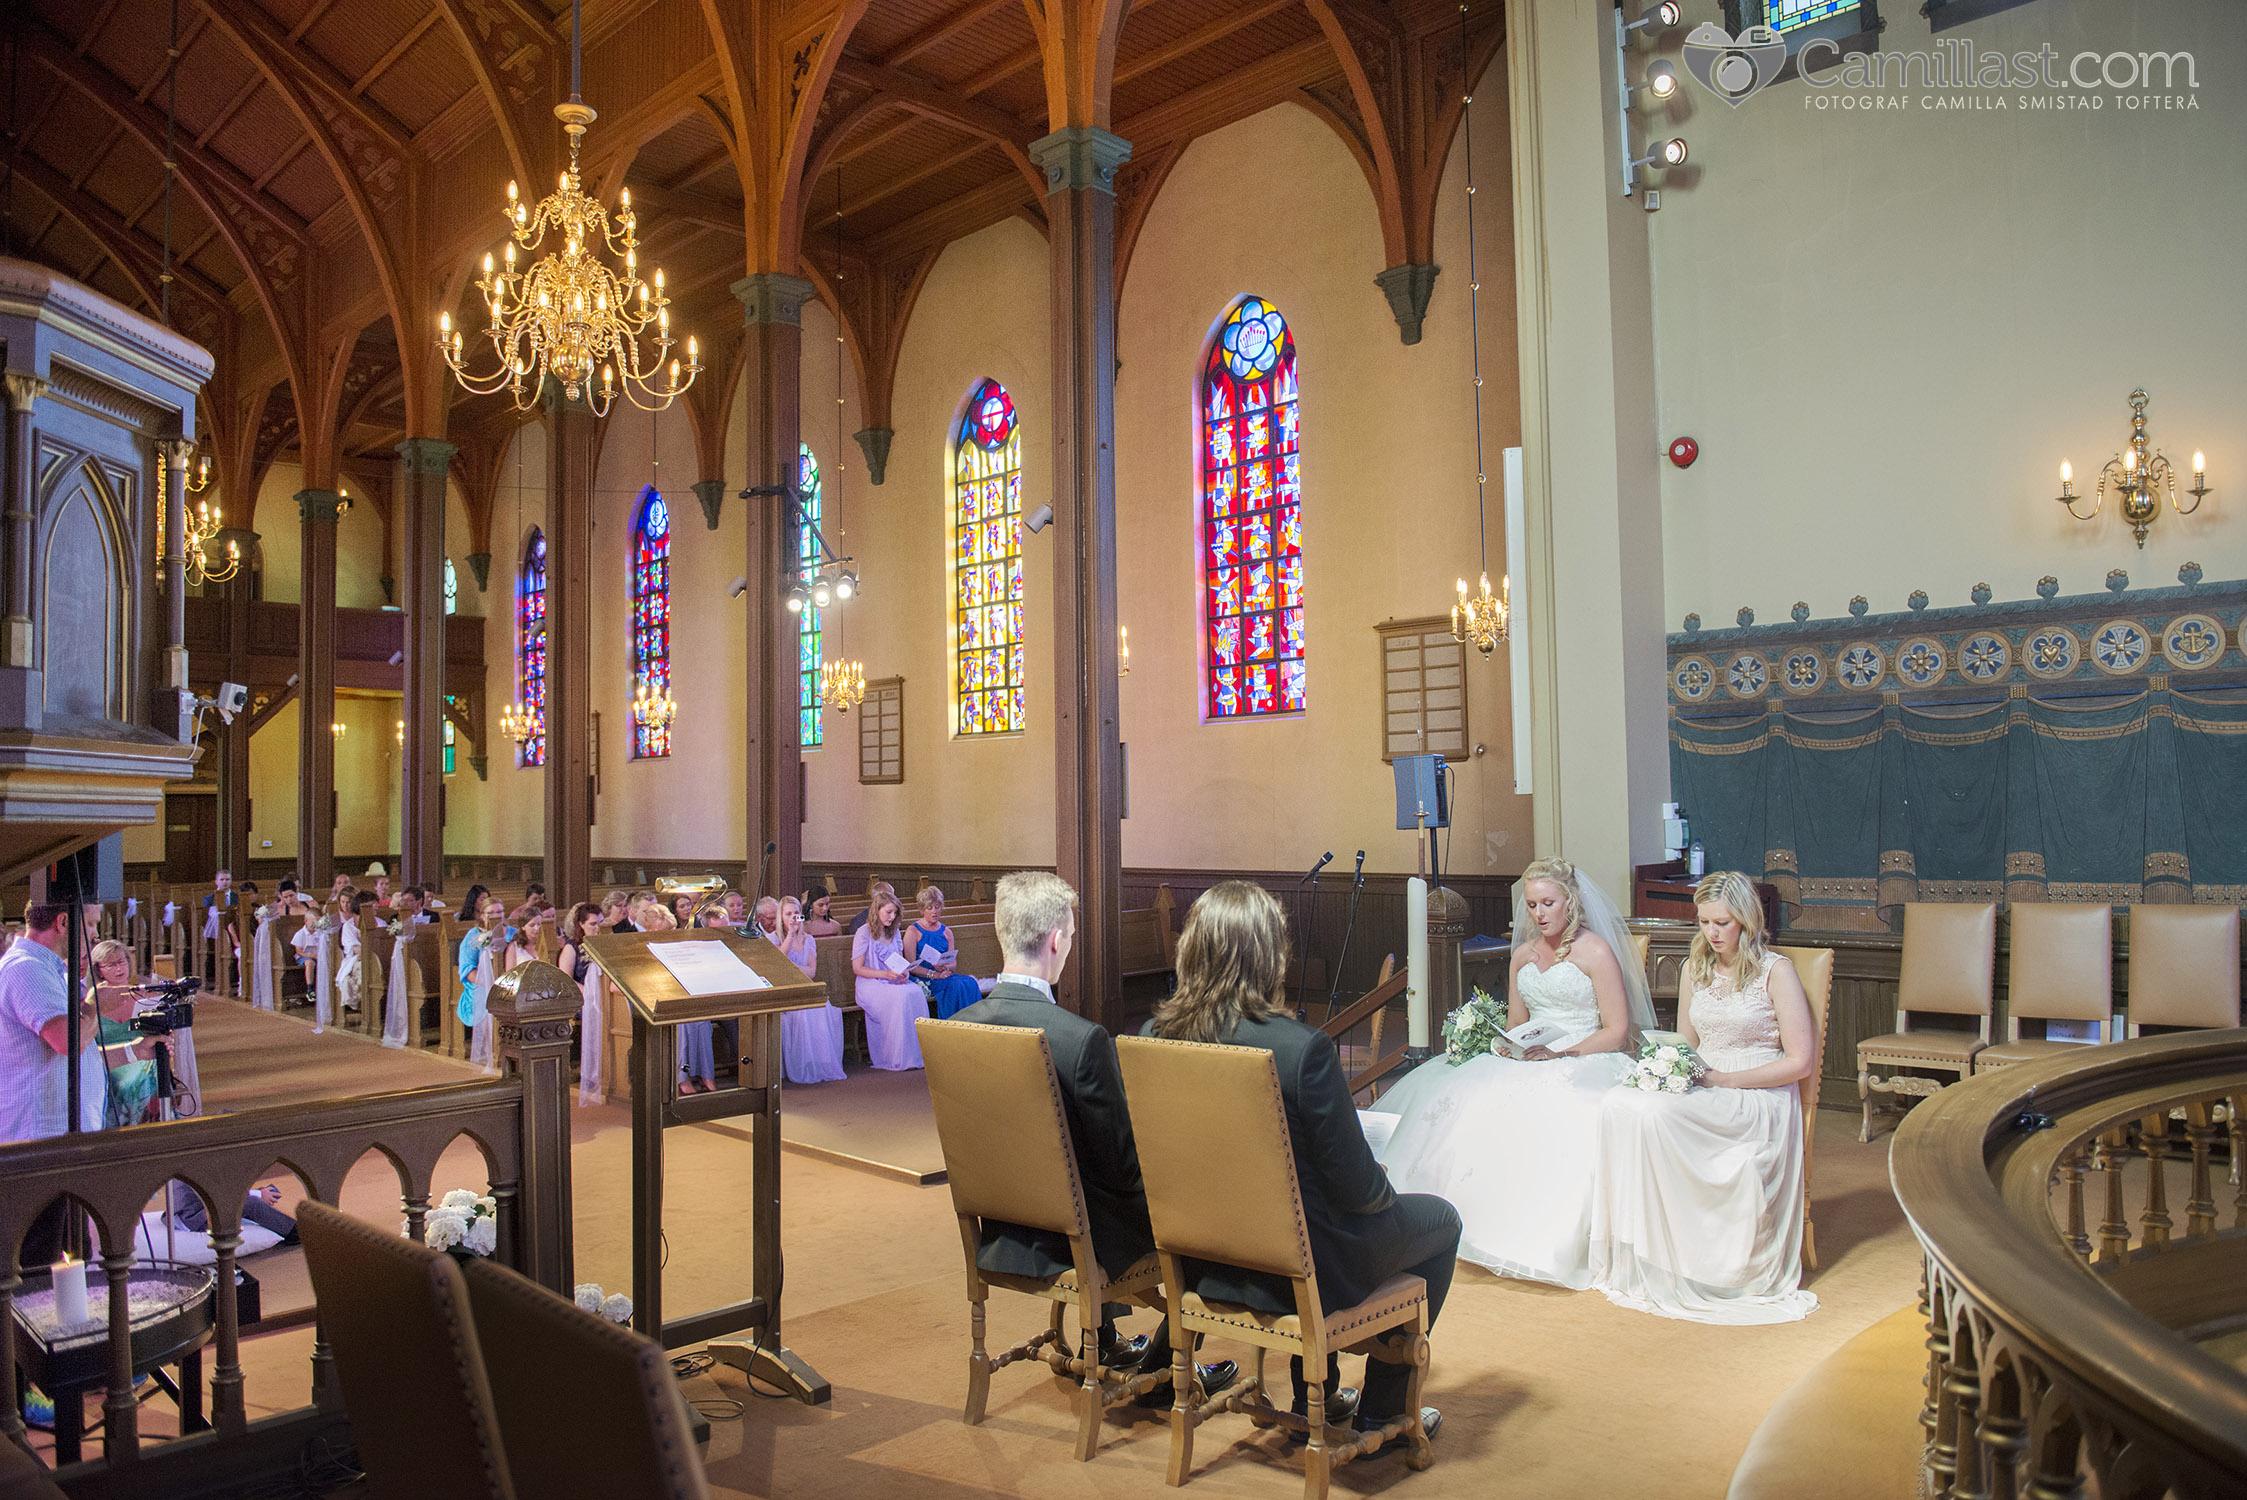 Bryllup Camilla Henrik 20150704Fotograf CamillaST074 copy.jpg